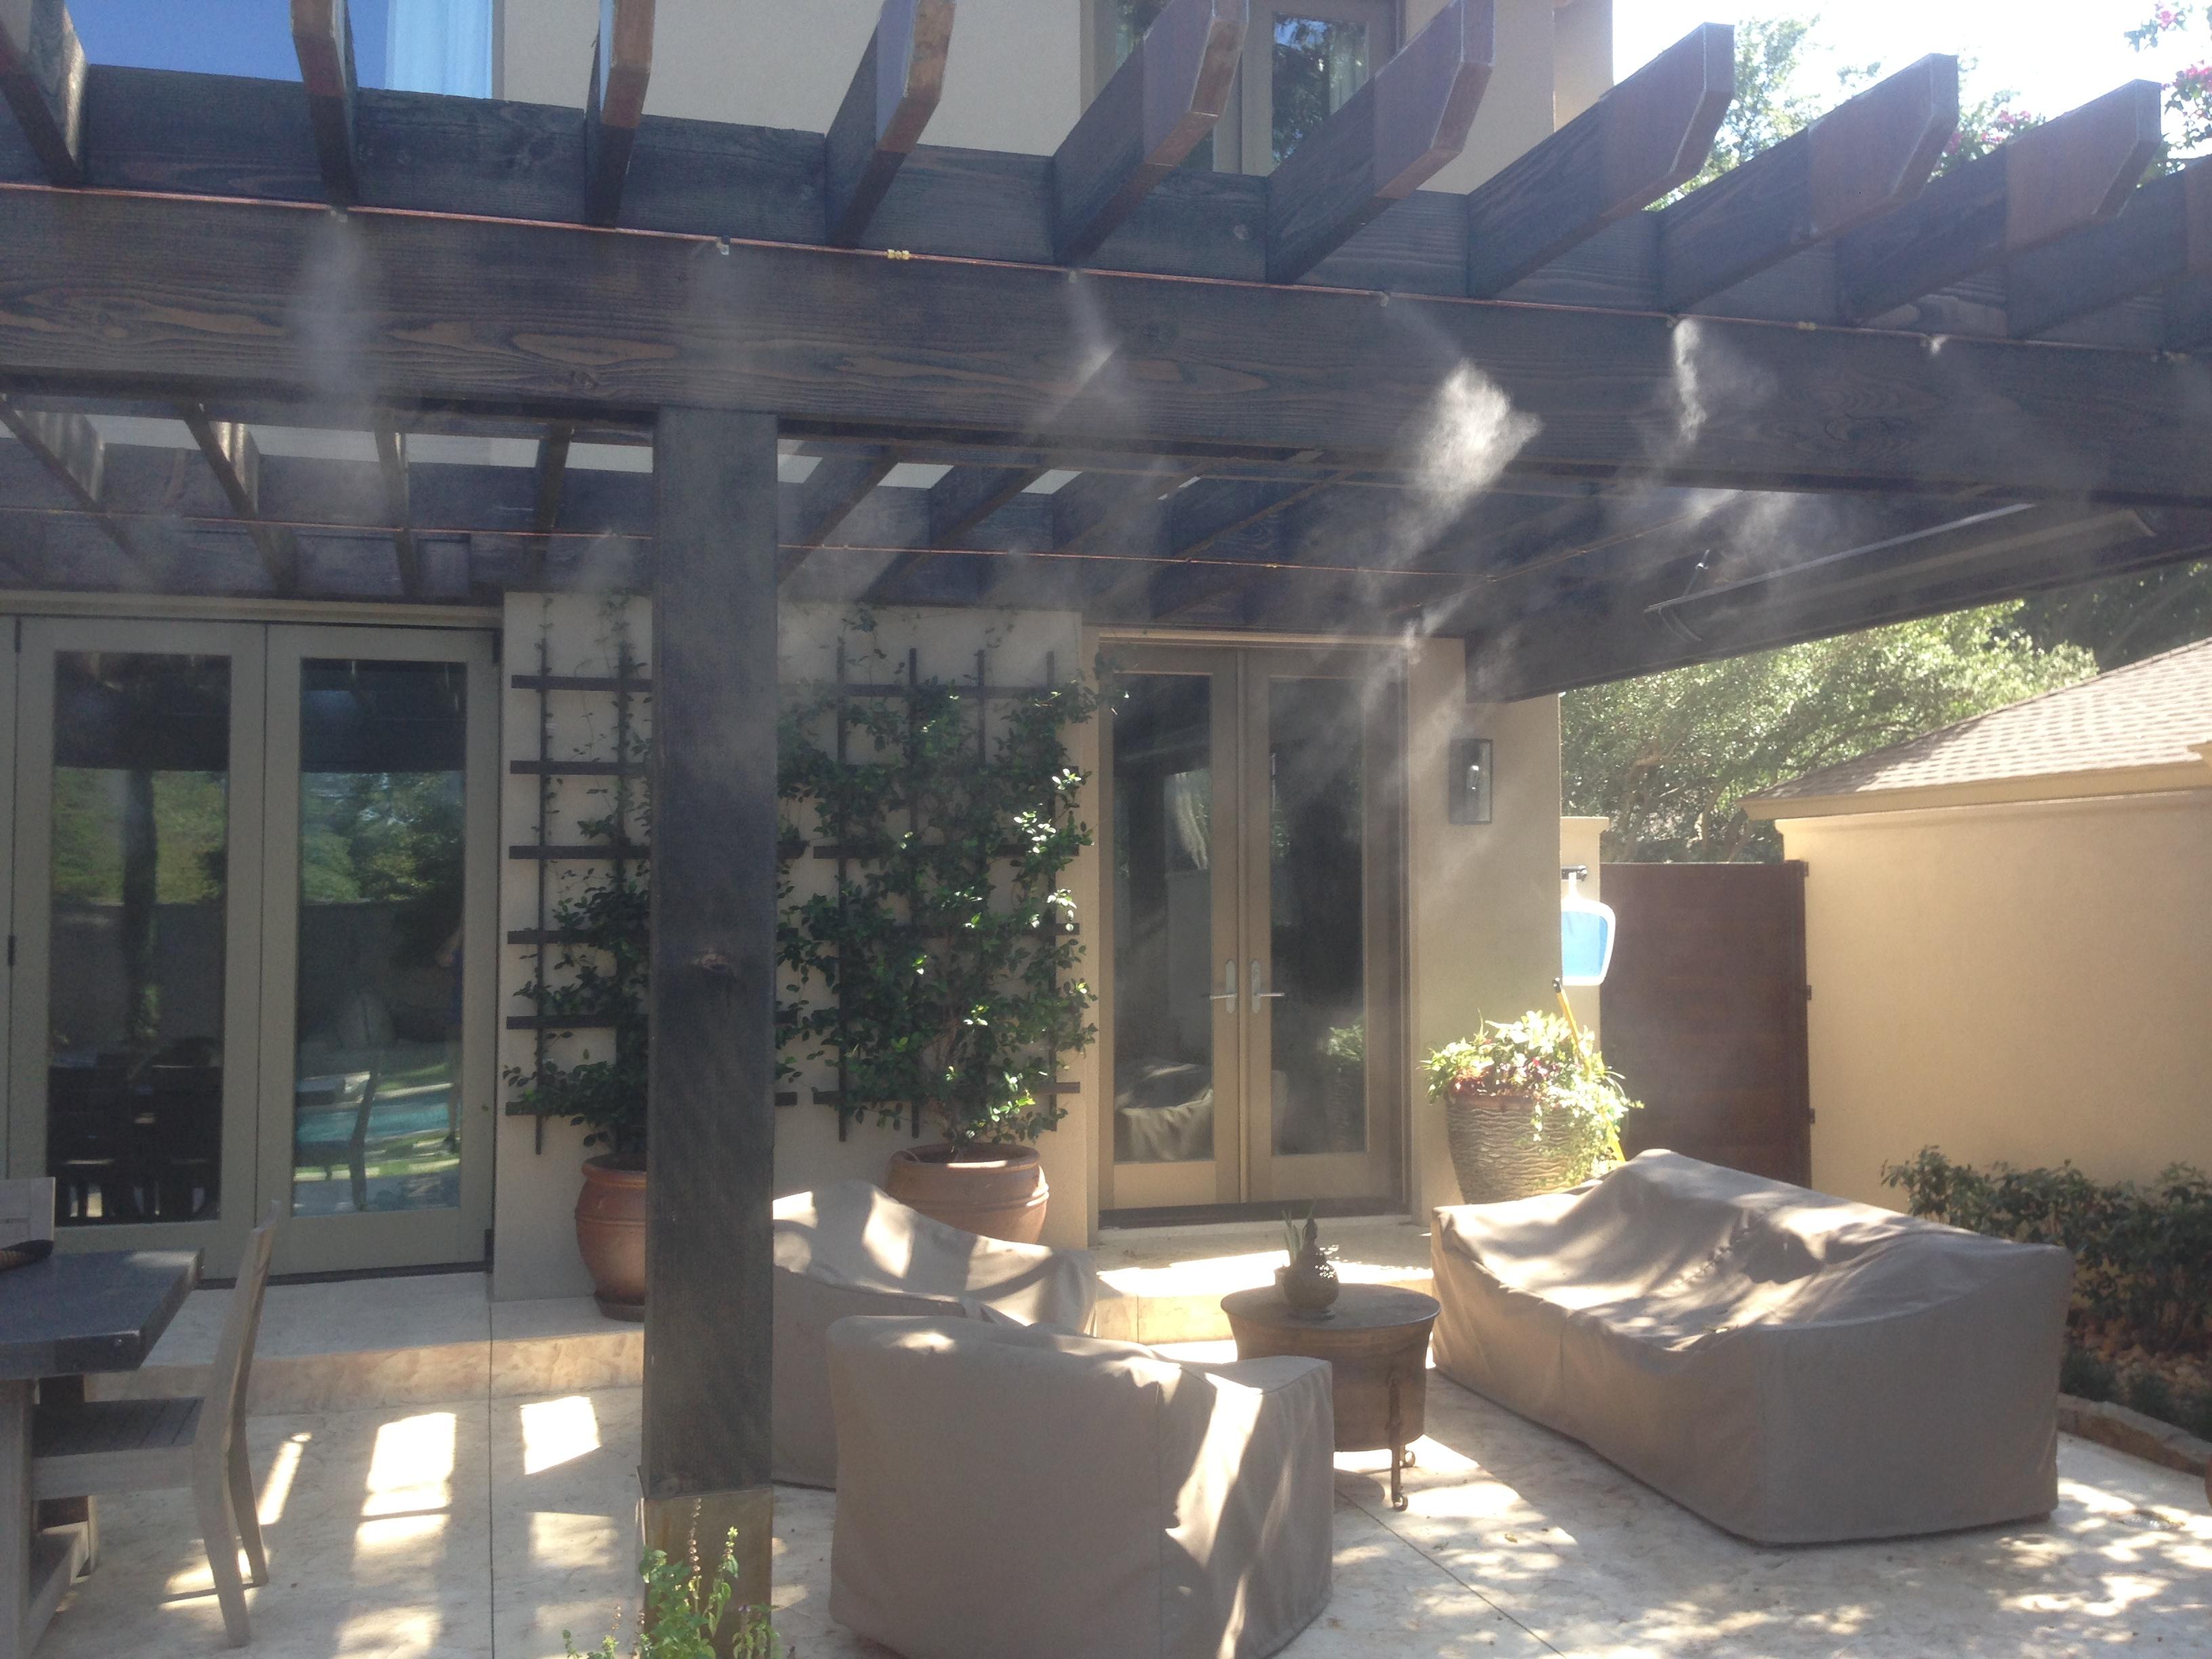 Outdoor Misting System : Outdoor misting system installation in dallas fort worth